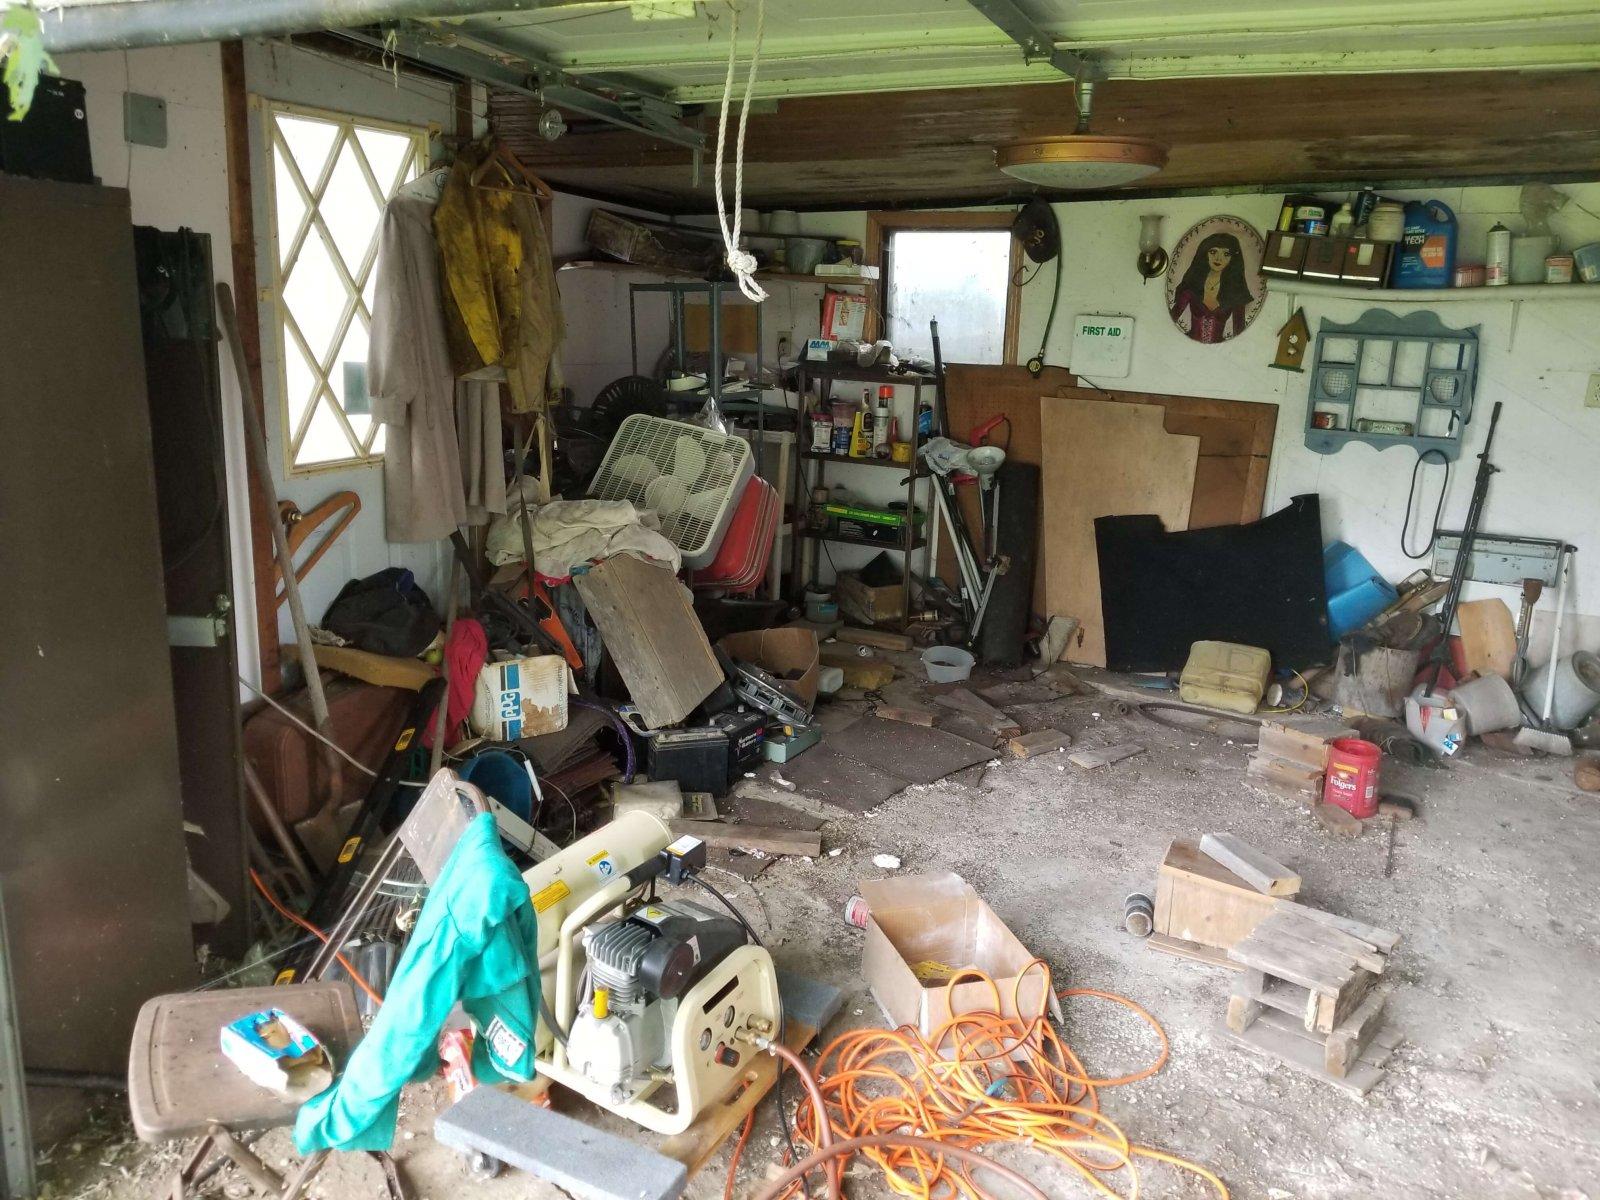 Mayer Ave Madison Garage Before Rehab